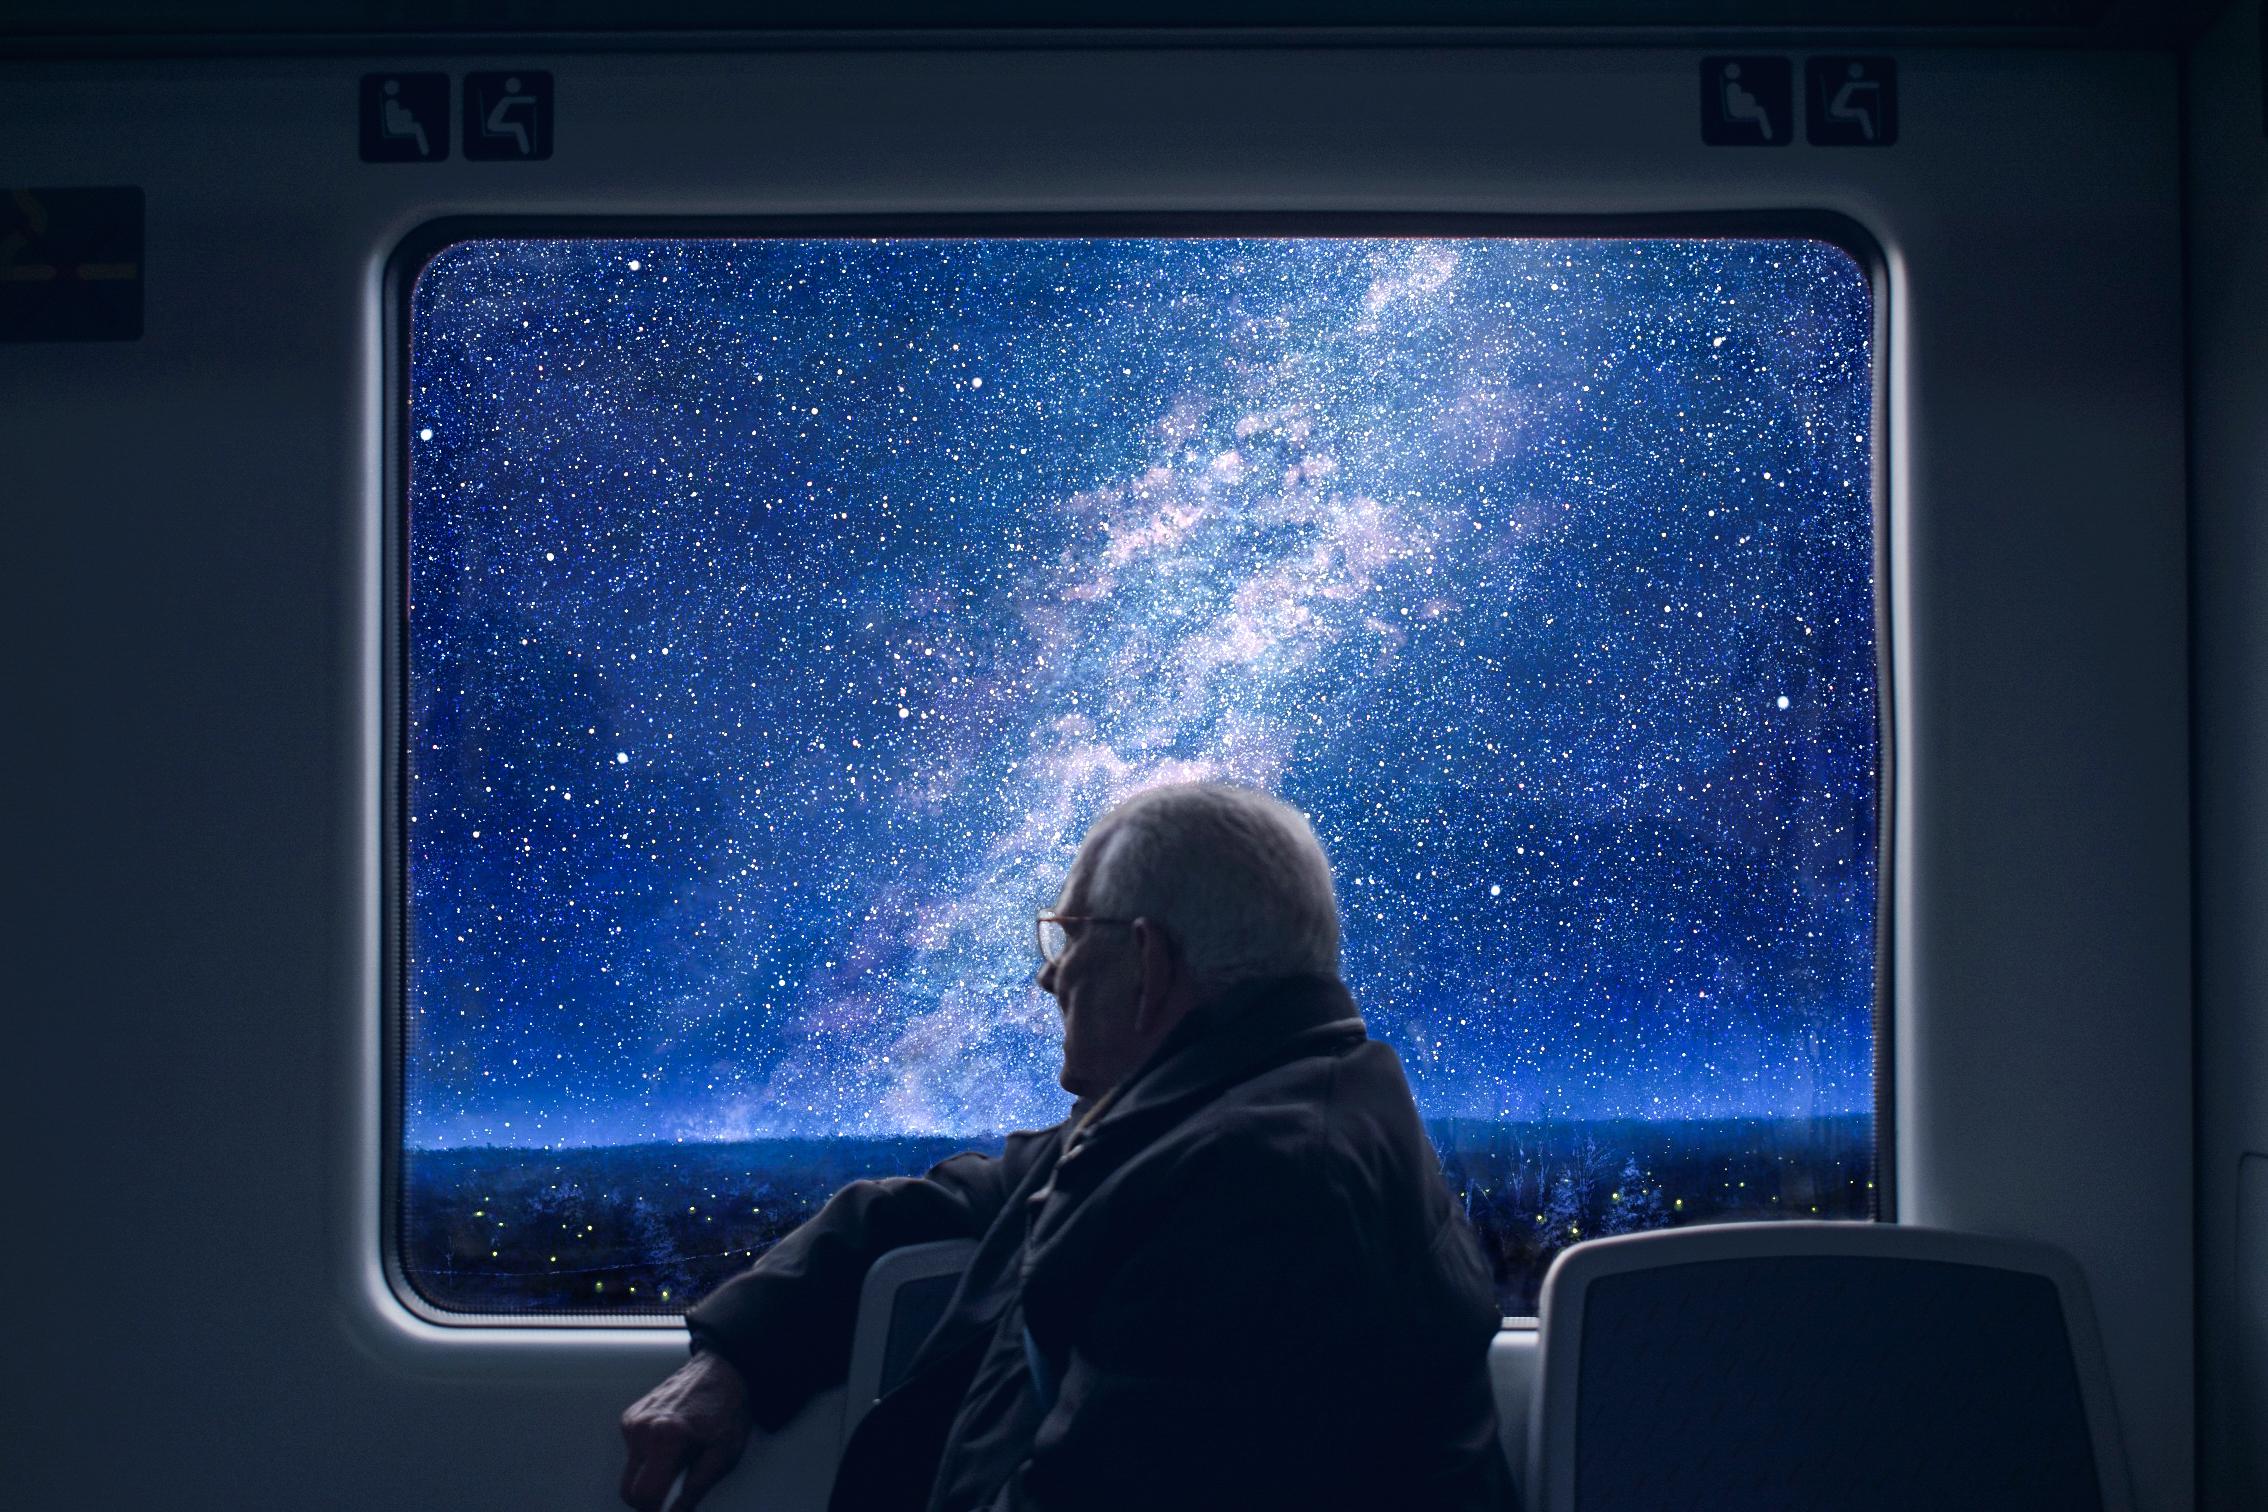 качественной фурнитуры космос в окне фото текст